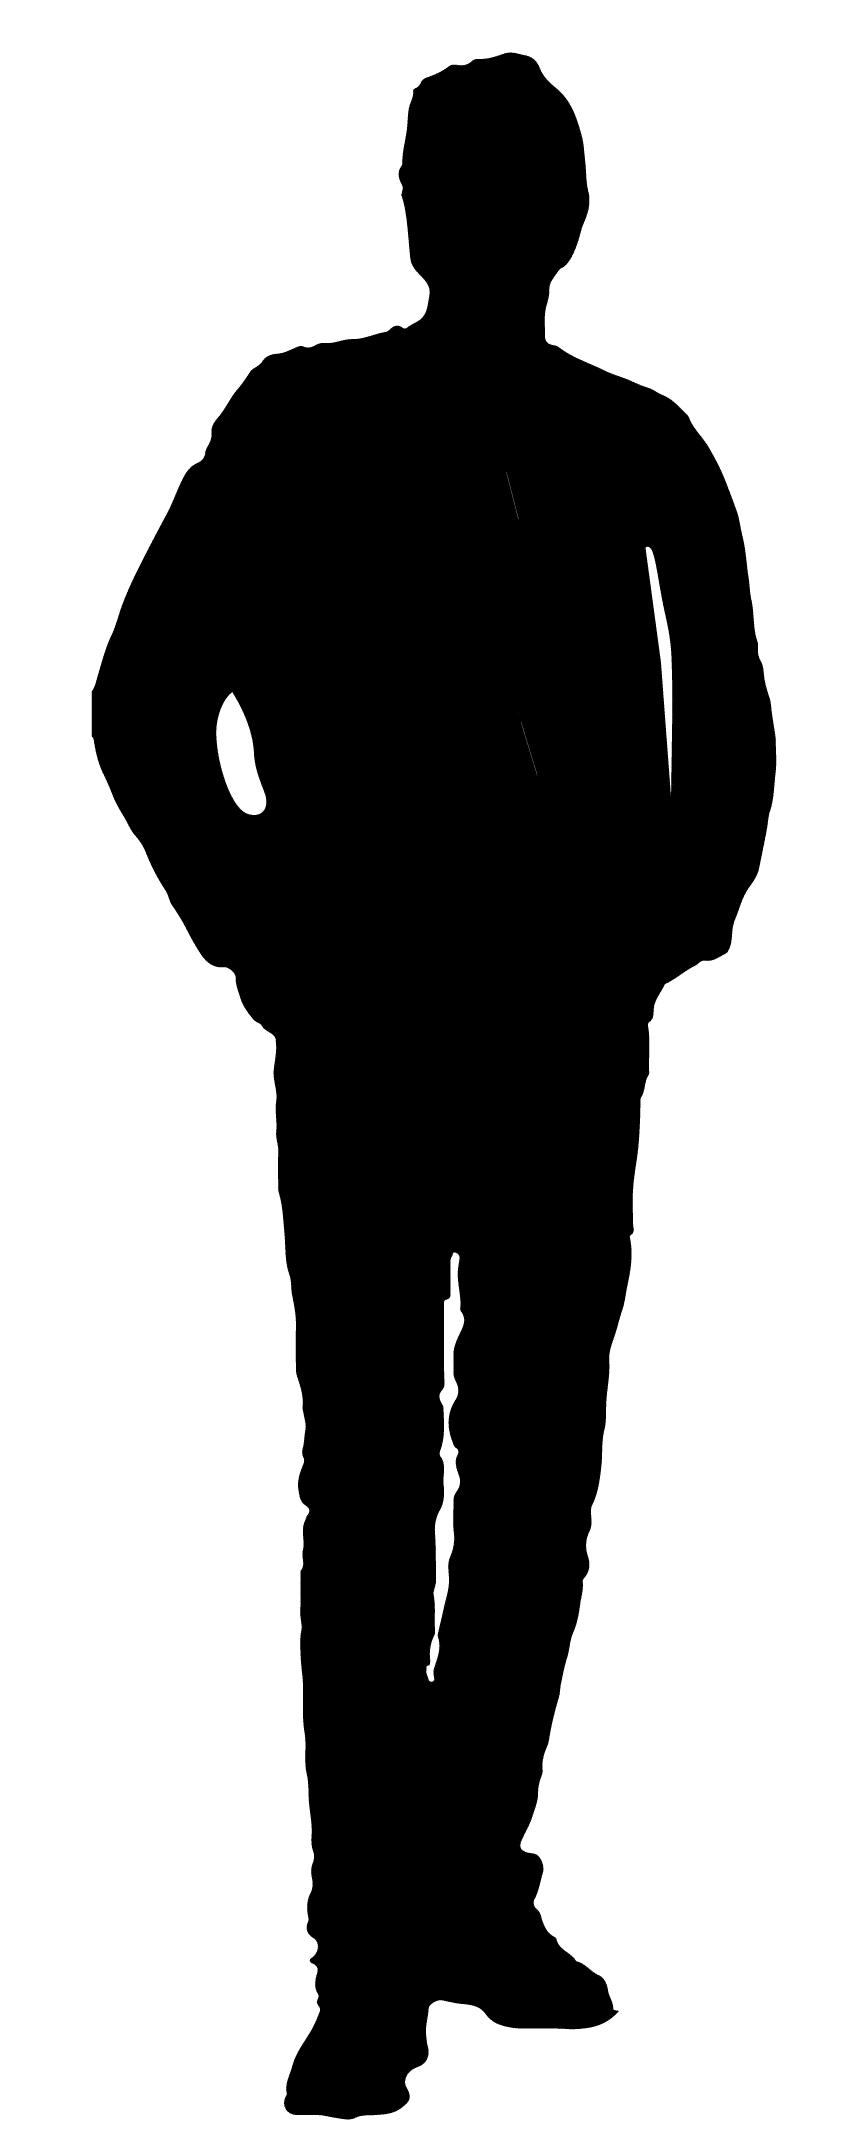 Šimon Vašek